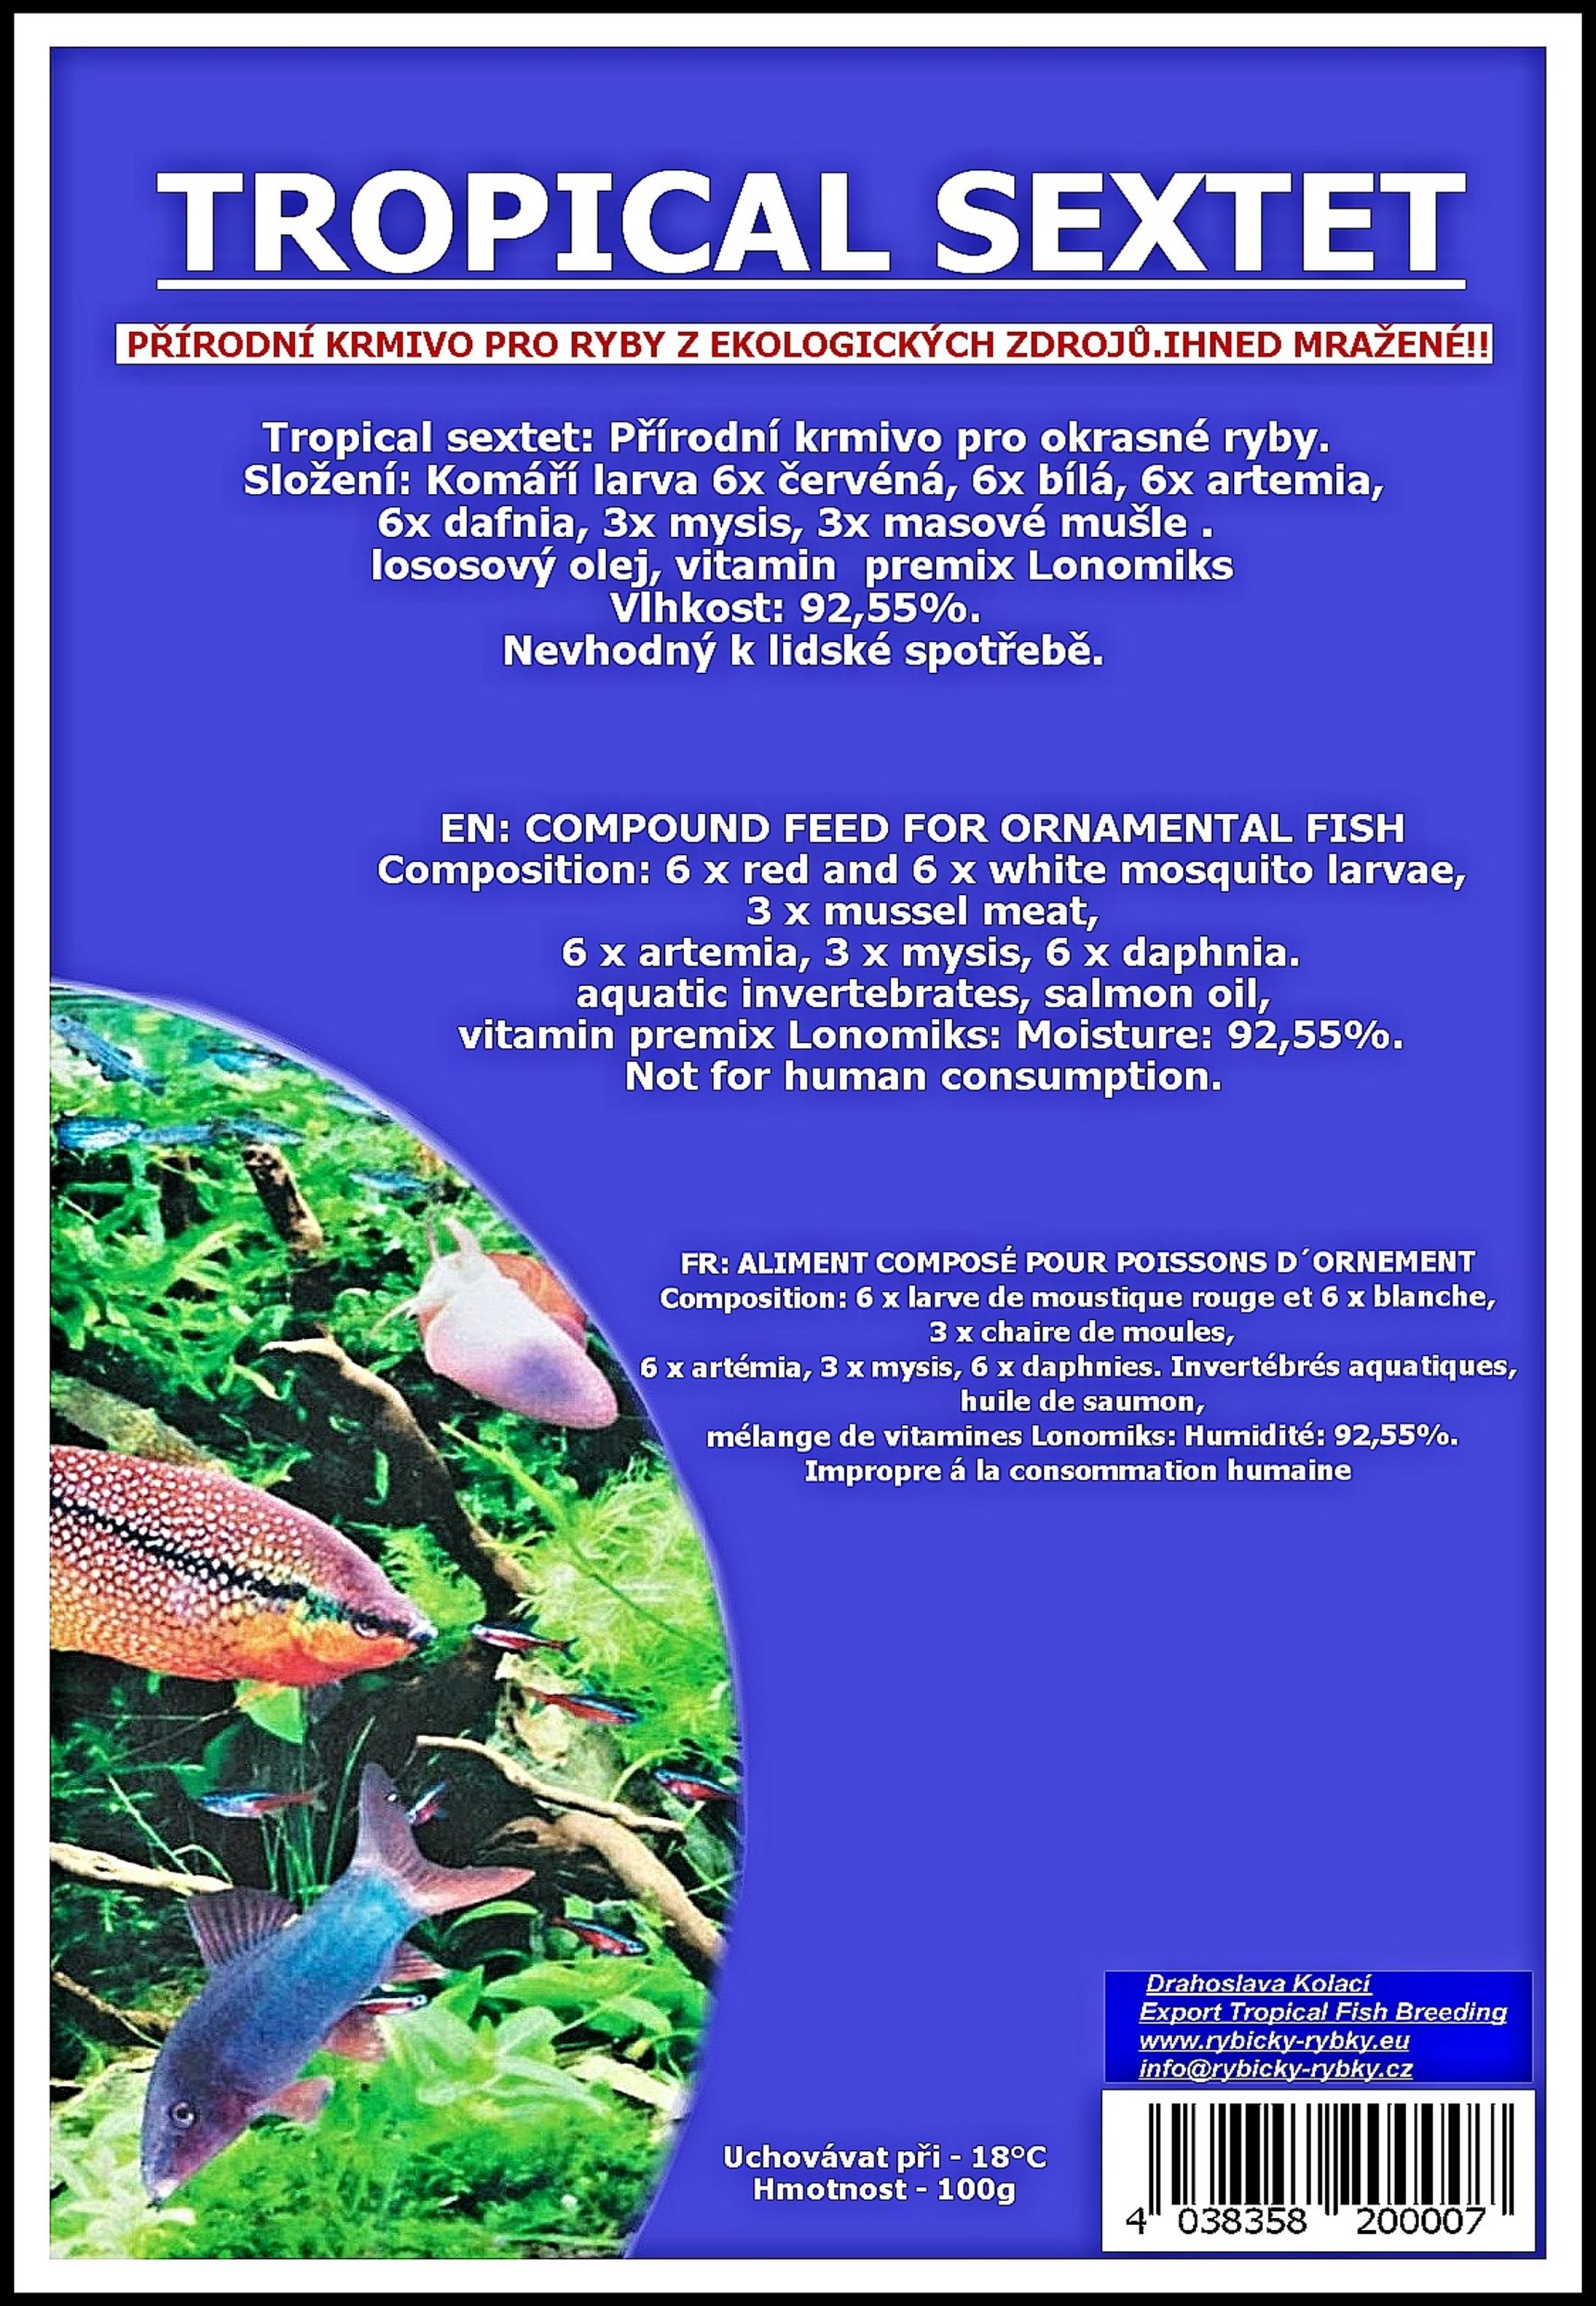 Sextet Tropical - blistr - 100g